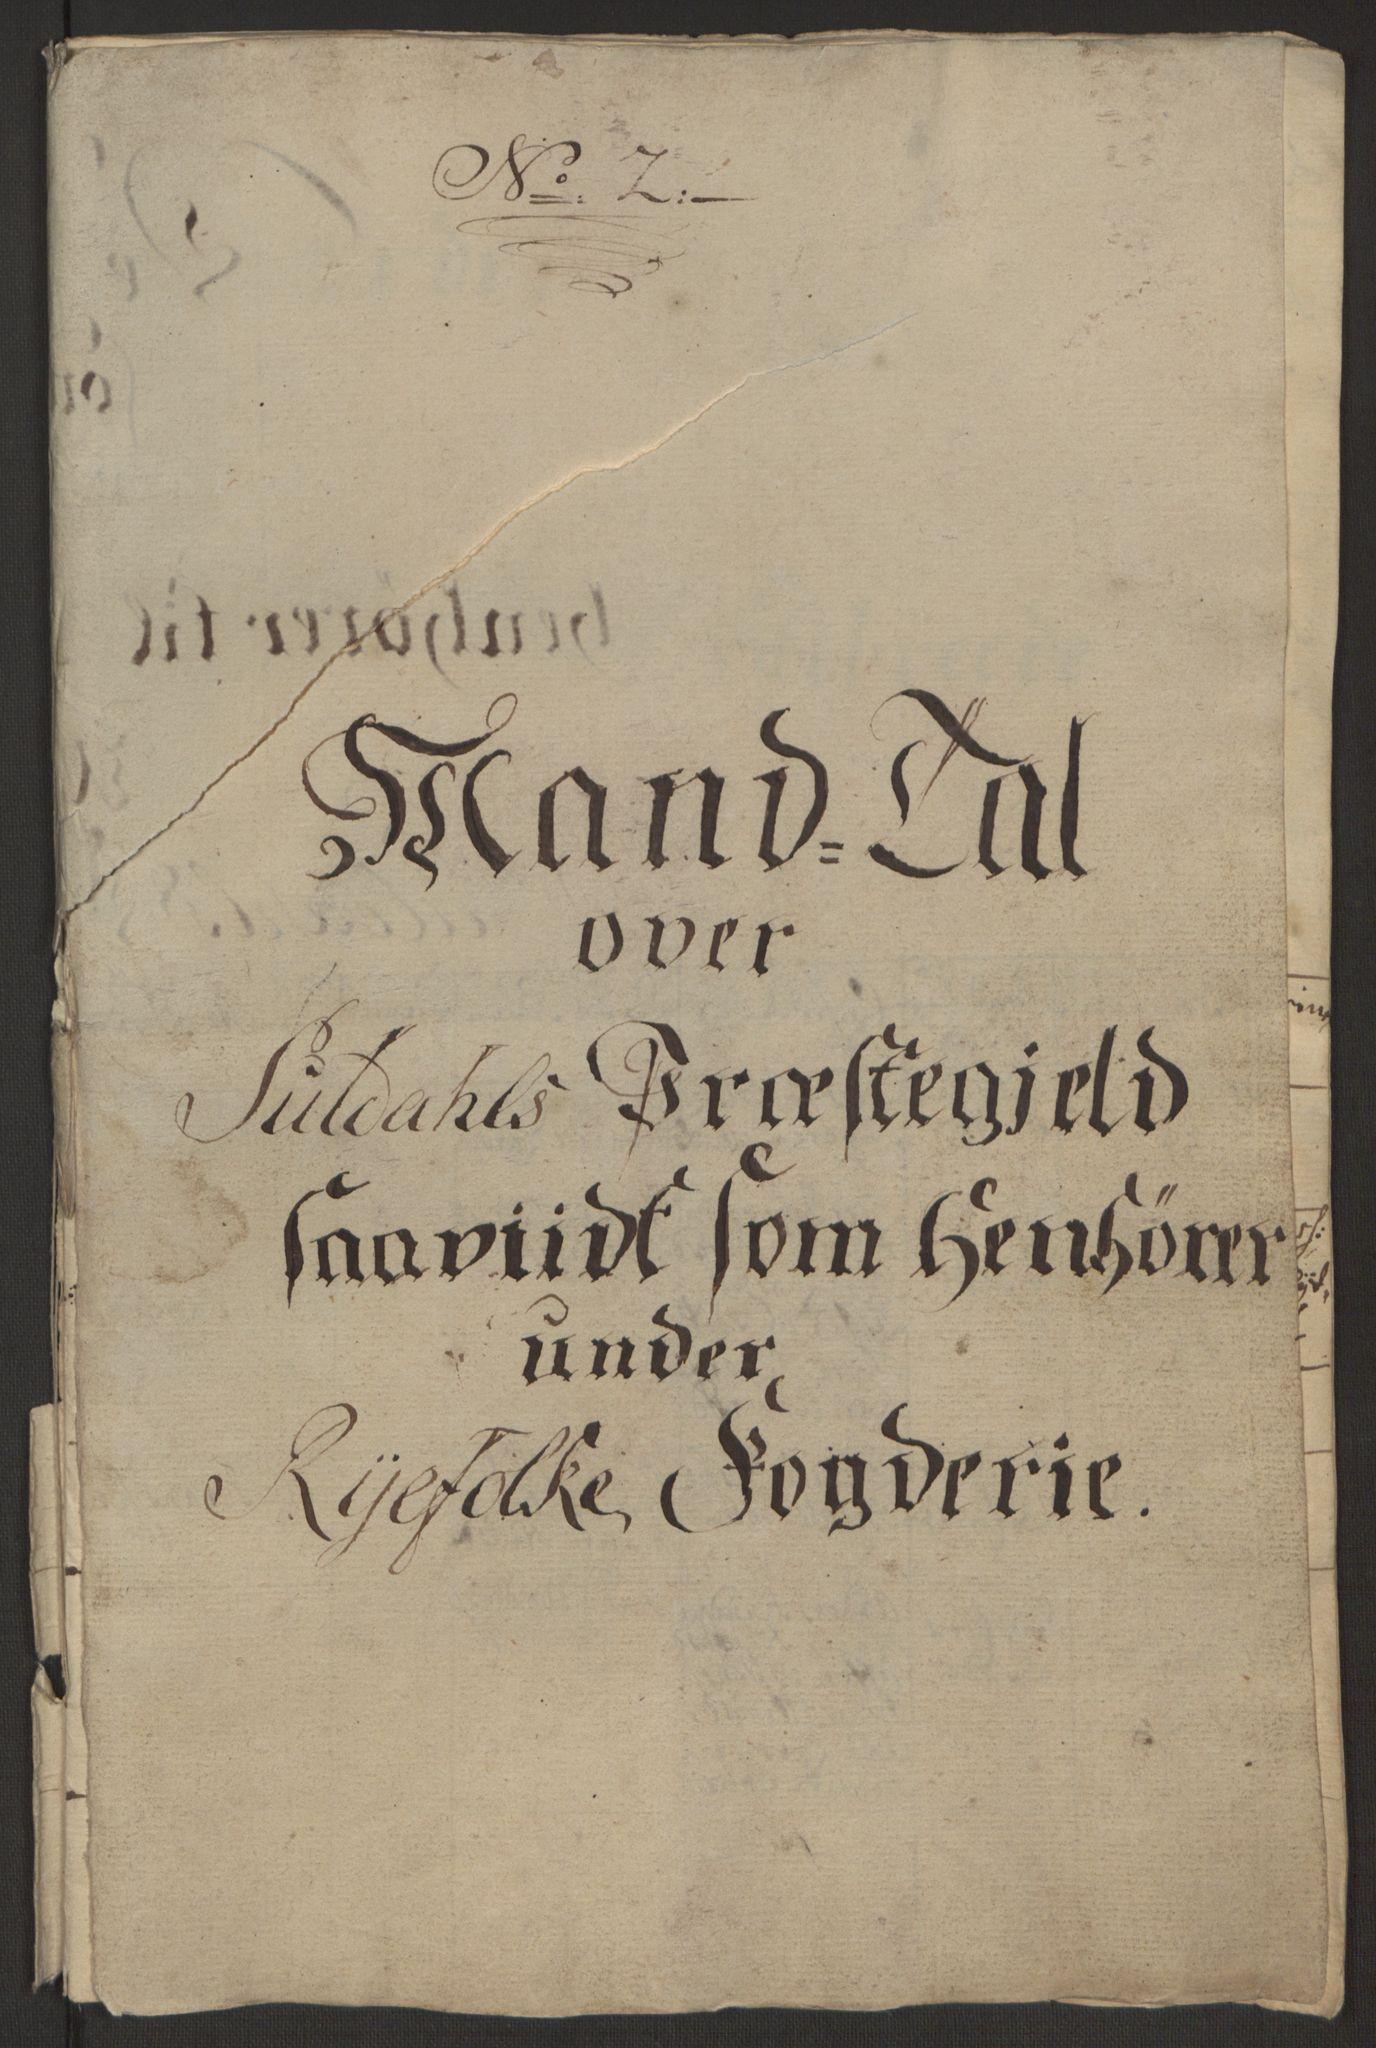 RA, Rentekammeret inntil 1814, Reviderte regnskaper, Hovedkasseregnskaper, Rf/L0072b: Ekstraskatteregnskap, 1762, s. 132